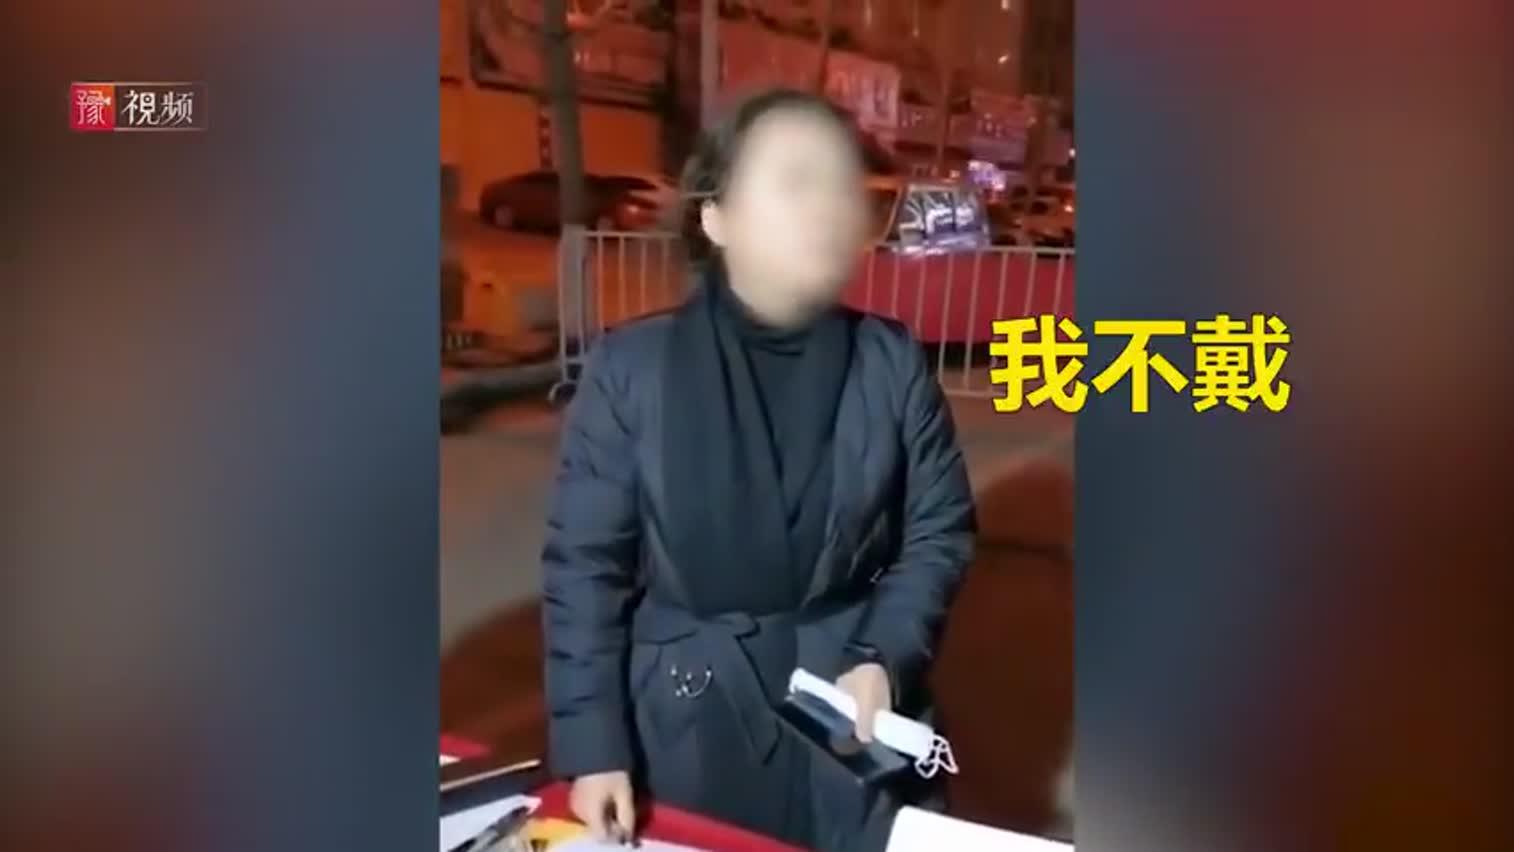 视频:河南一医院副院长过卡点拒戴口罩被停职 连说